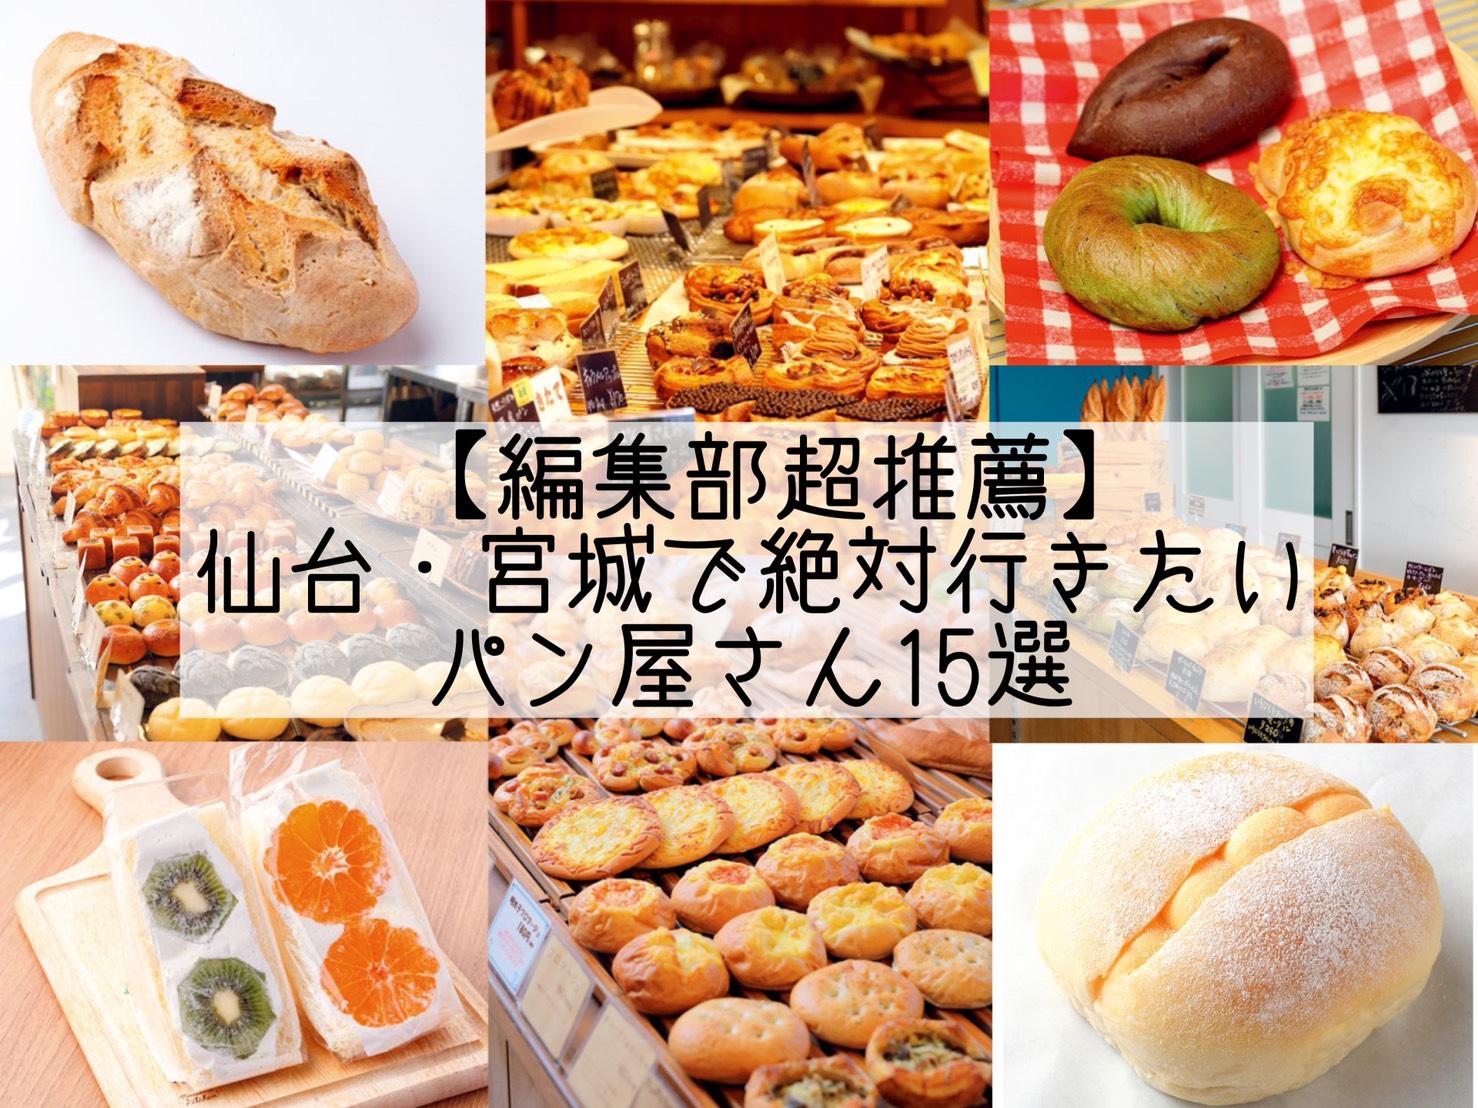 編集部超推薦 仙台 宮城で絶対行きたいパン屋さん15選 日刊せんだいタウン情報s Style Web